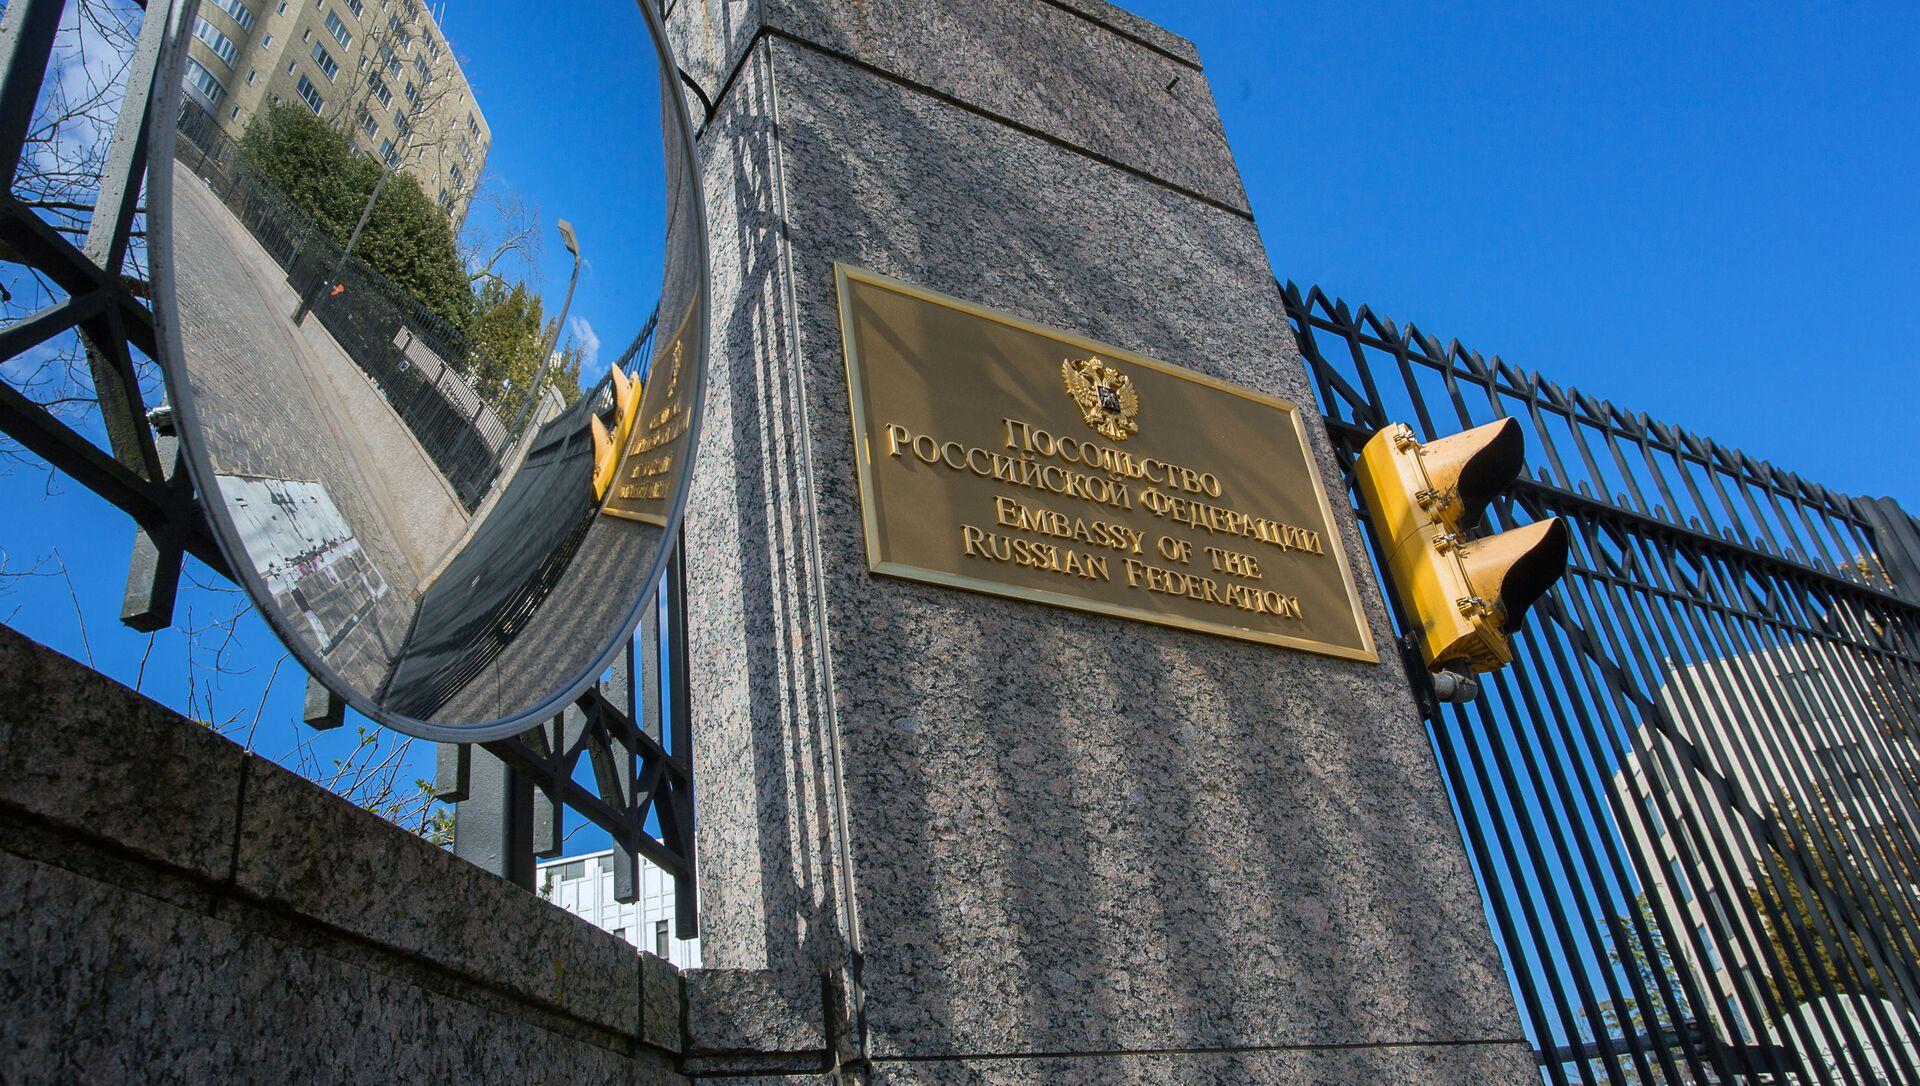 Ulaz u ambasadu Rusije u Vašingtonu - Sputnik Srbija, 1920, 20.06.2021